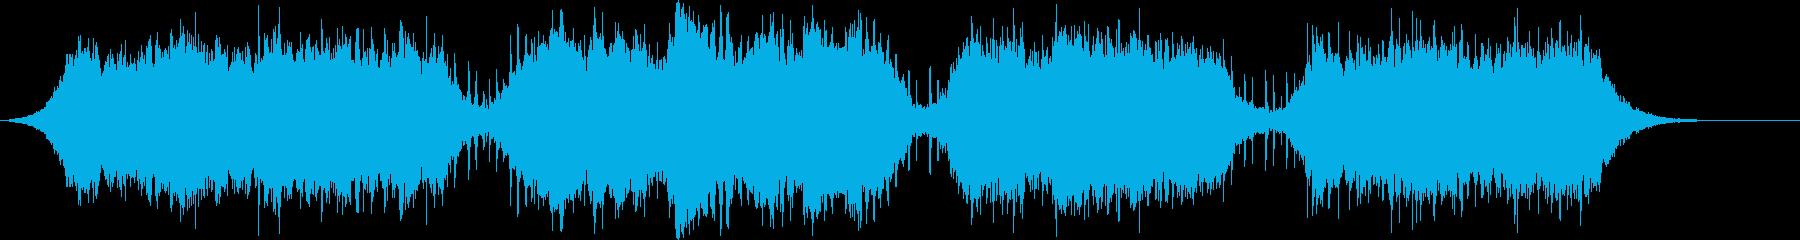 アンビエントなパッド系BGM(シンプル)の再生済みの波形